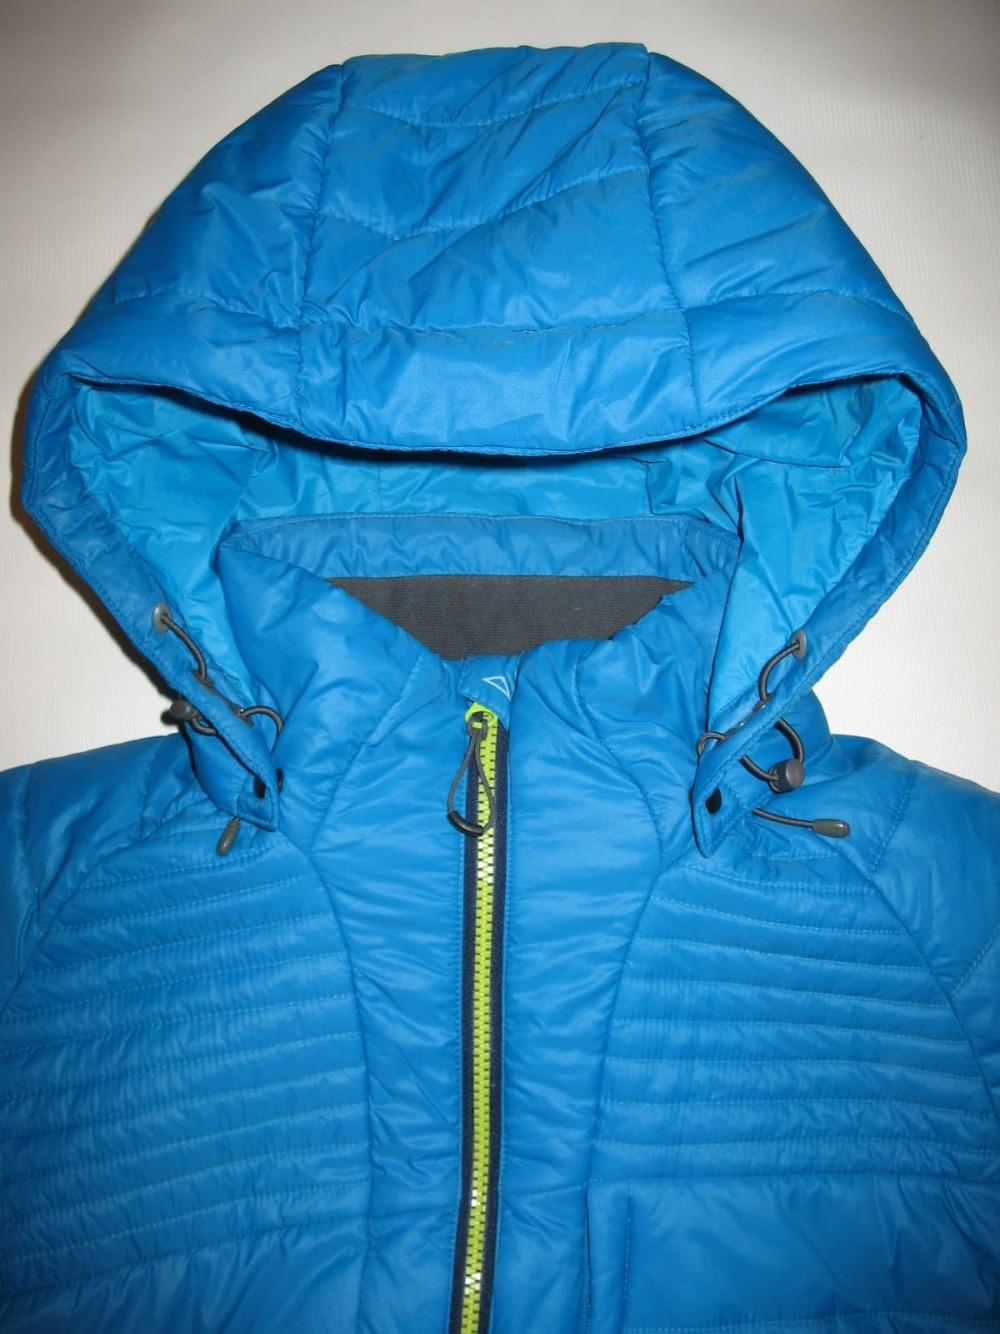 Куртка McKINLEY cando primaloft 100 jacket (размер XL) - 3